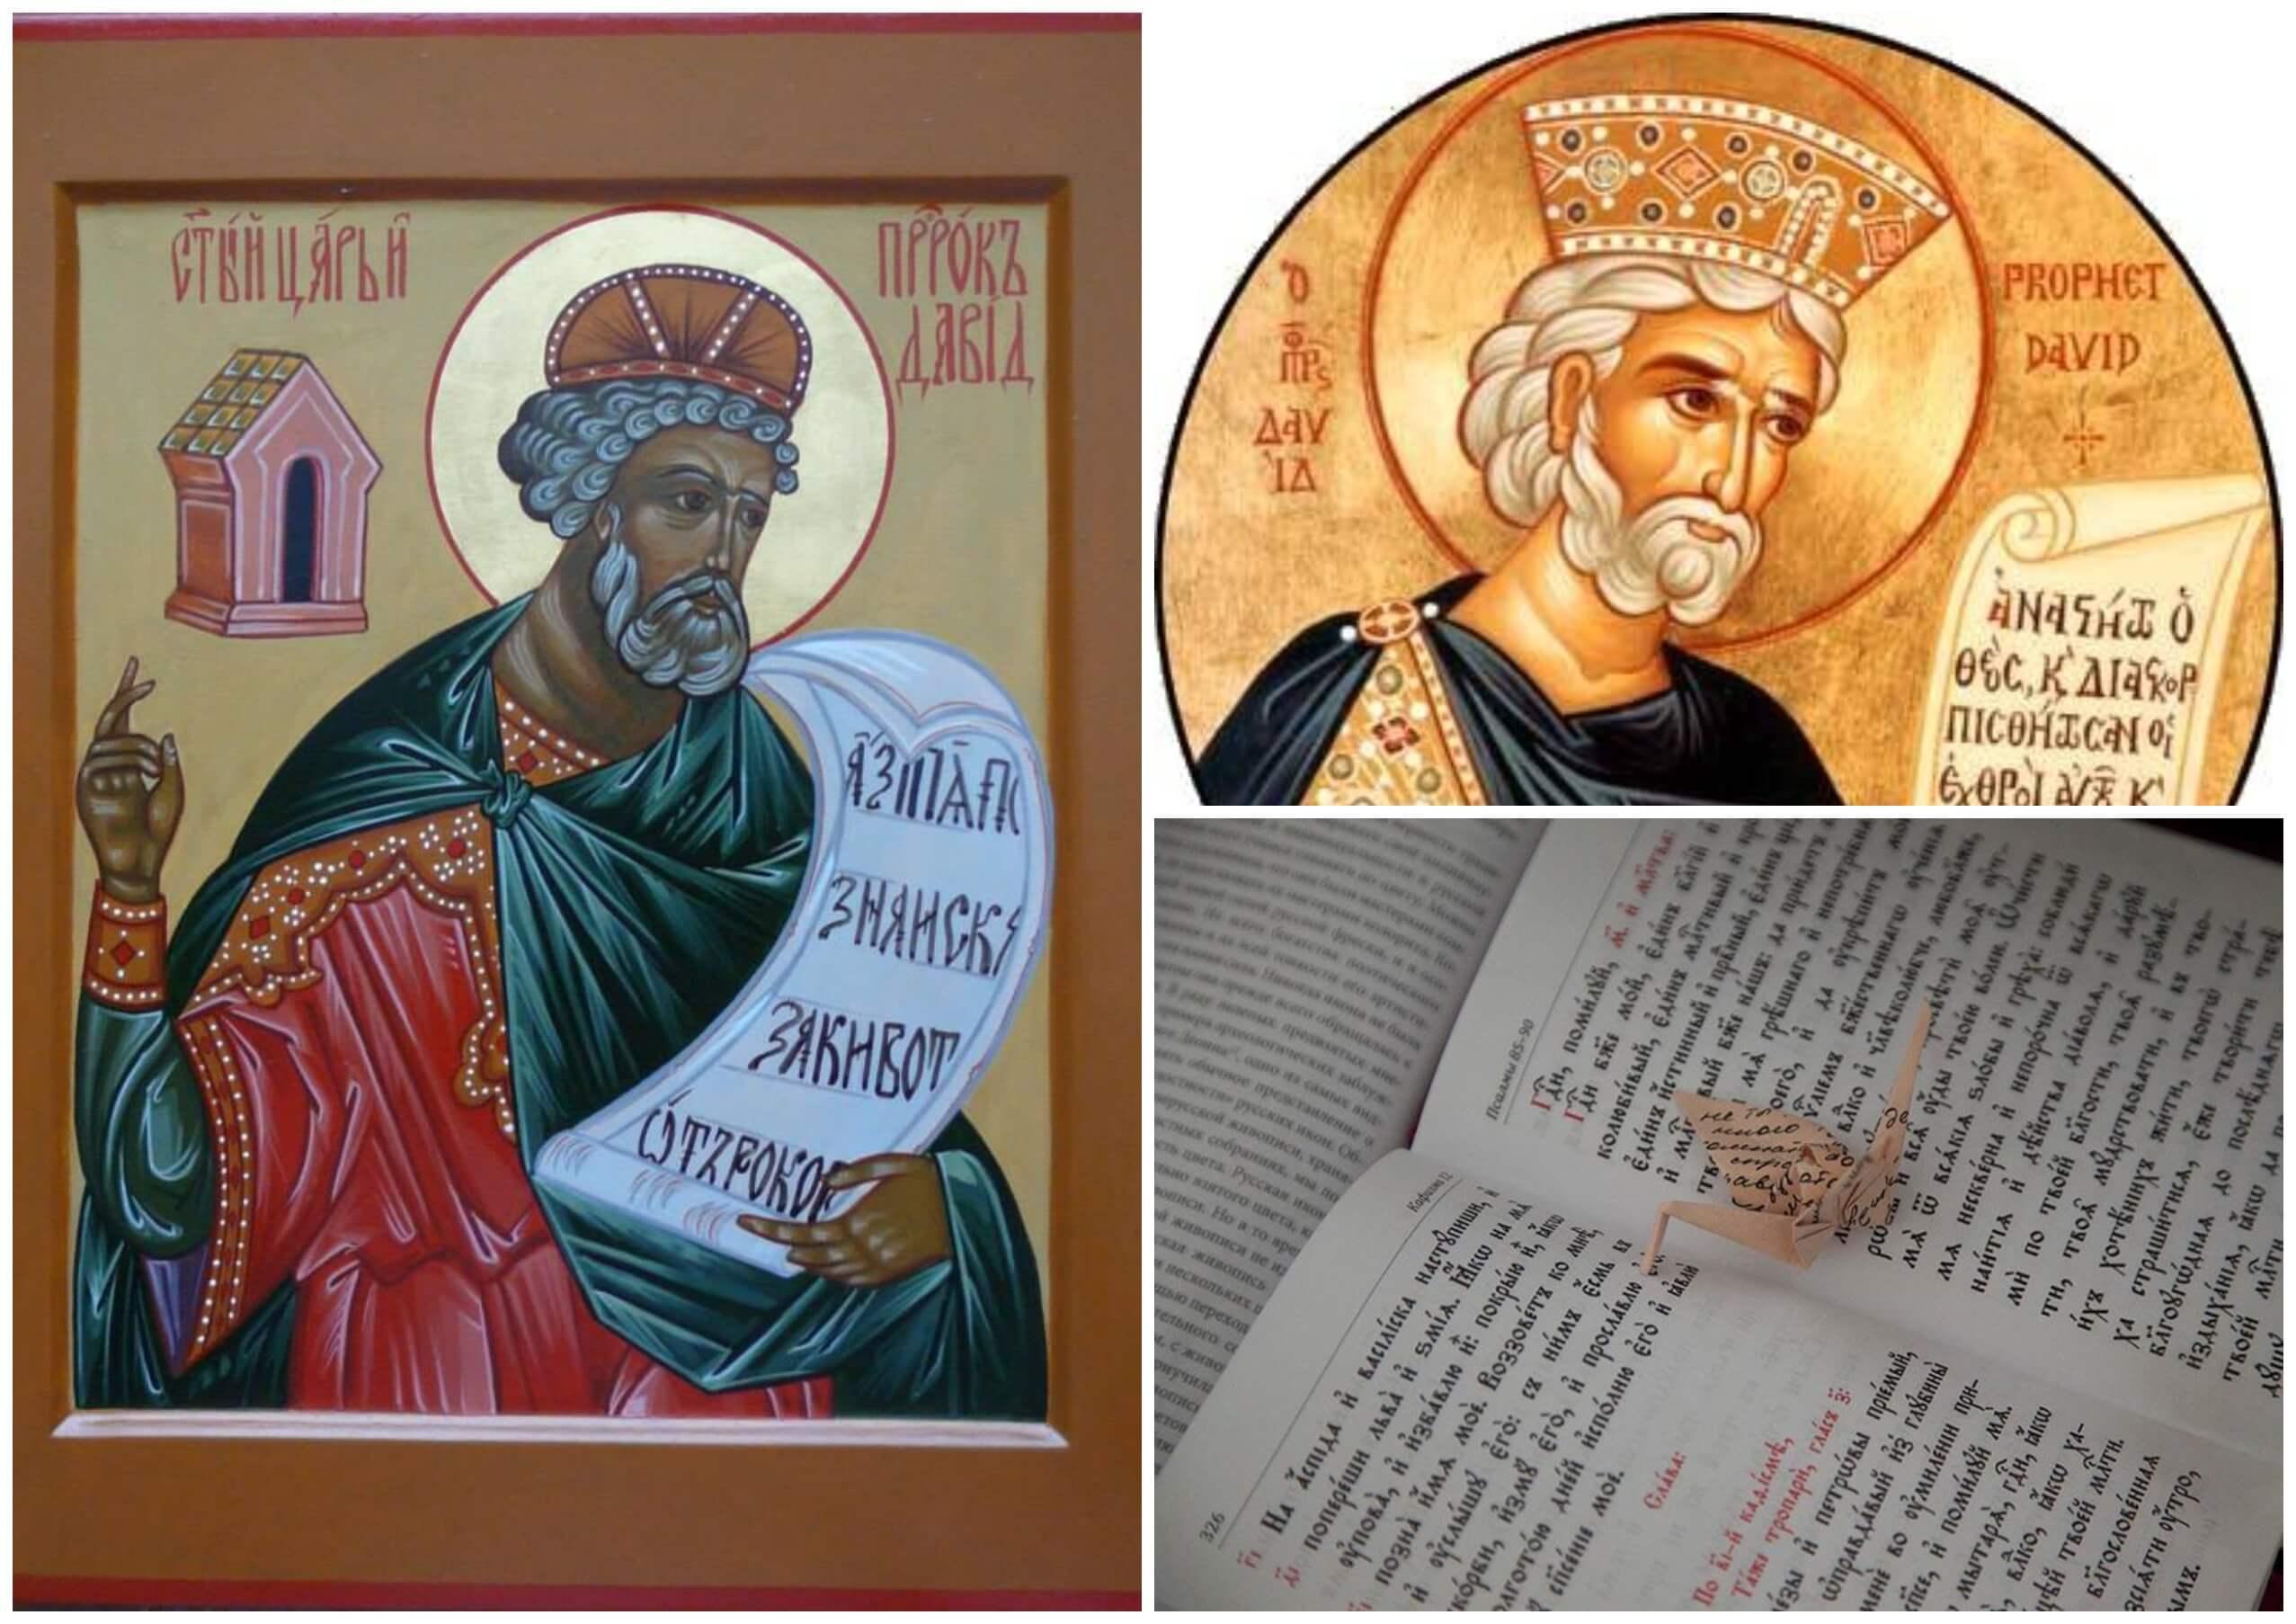 На фото изображен пророк Давид и открытый Псалтырь.